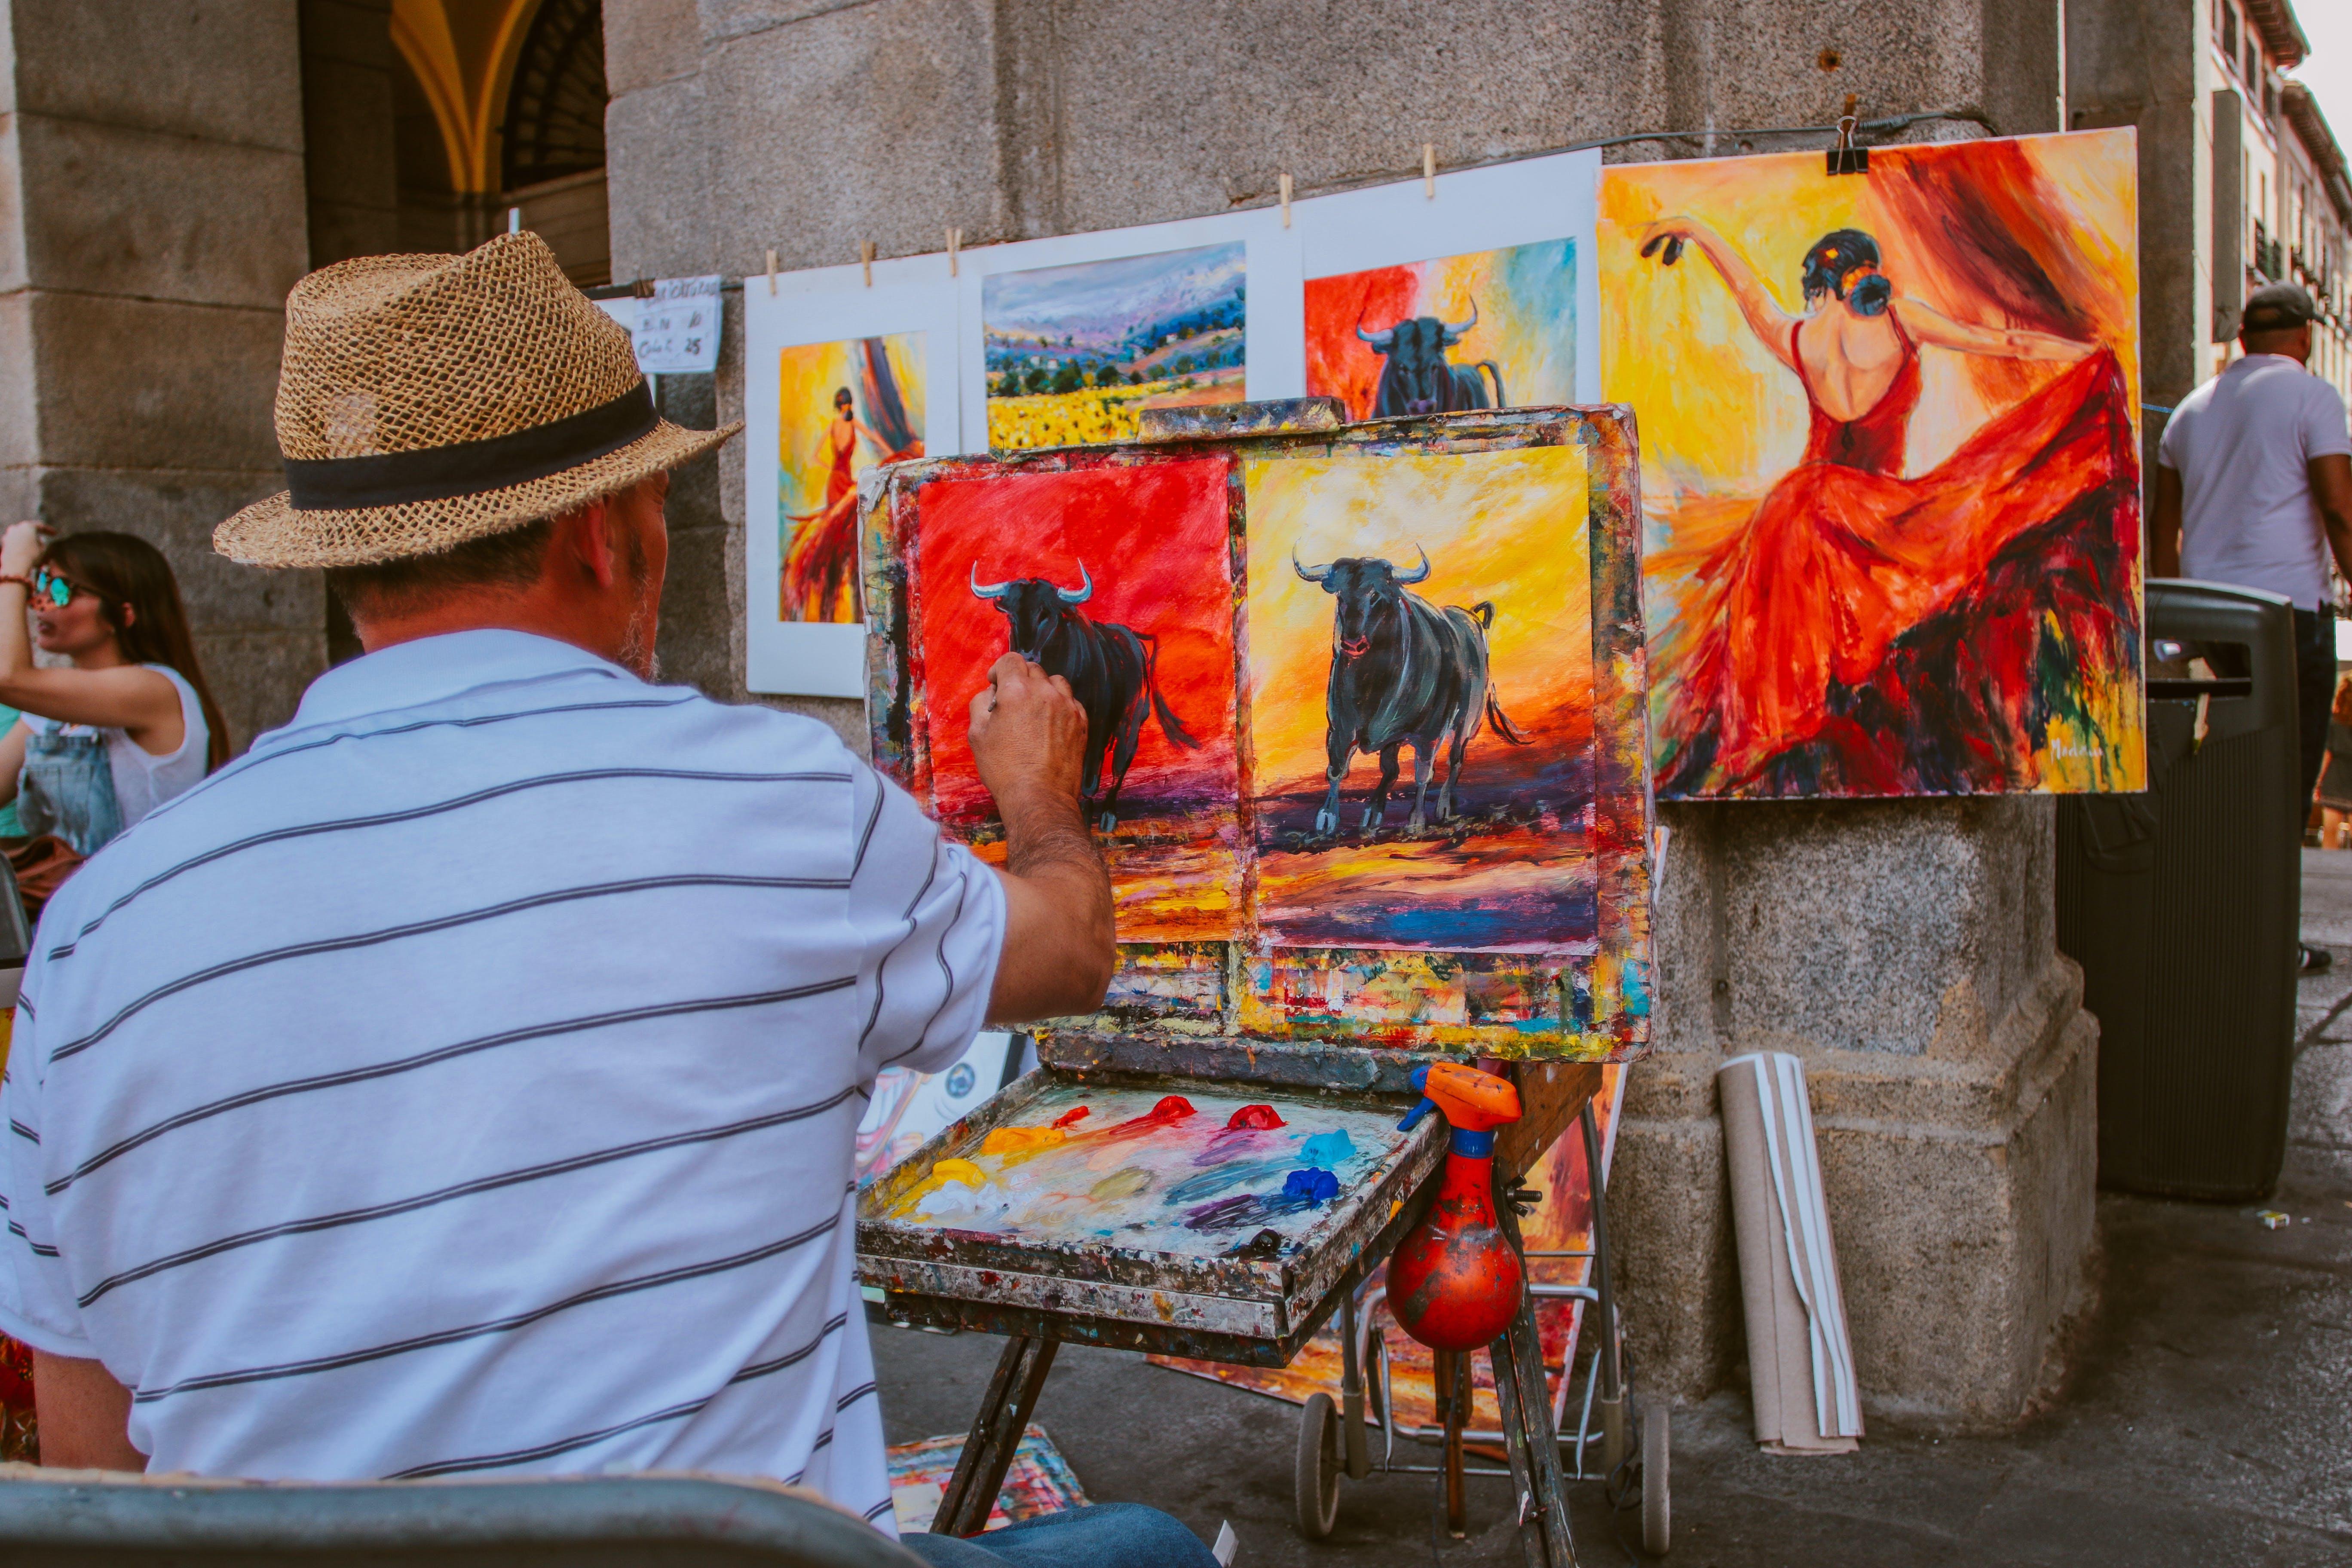 art, art materials, artist